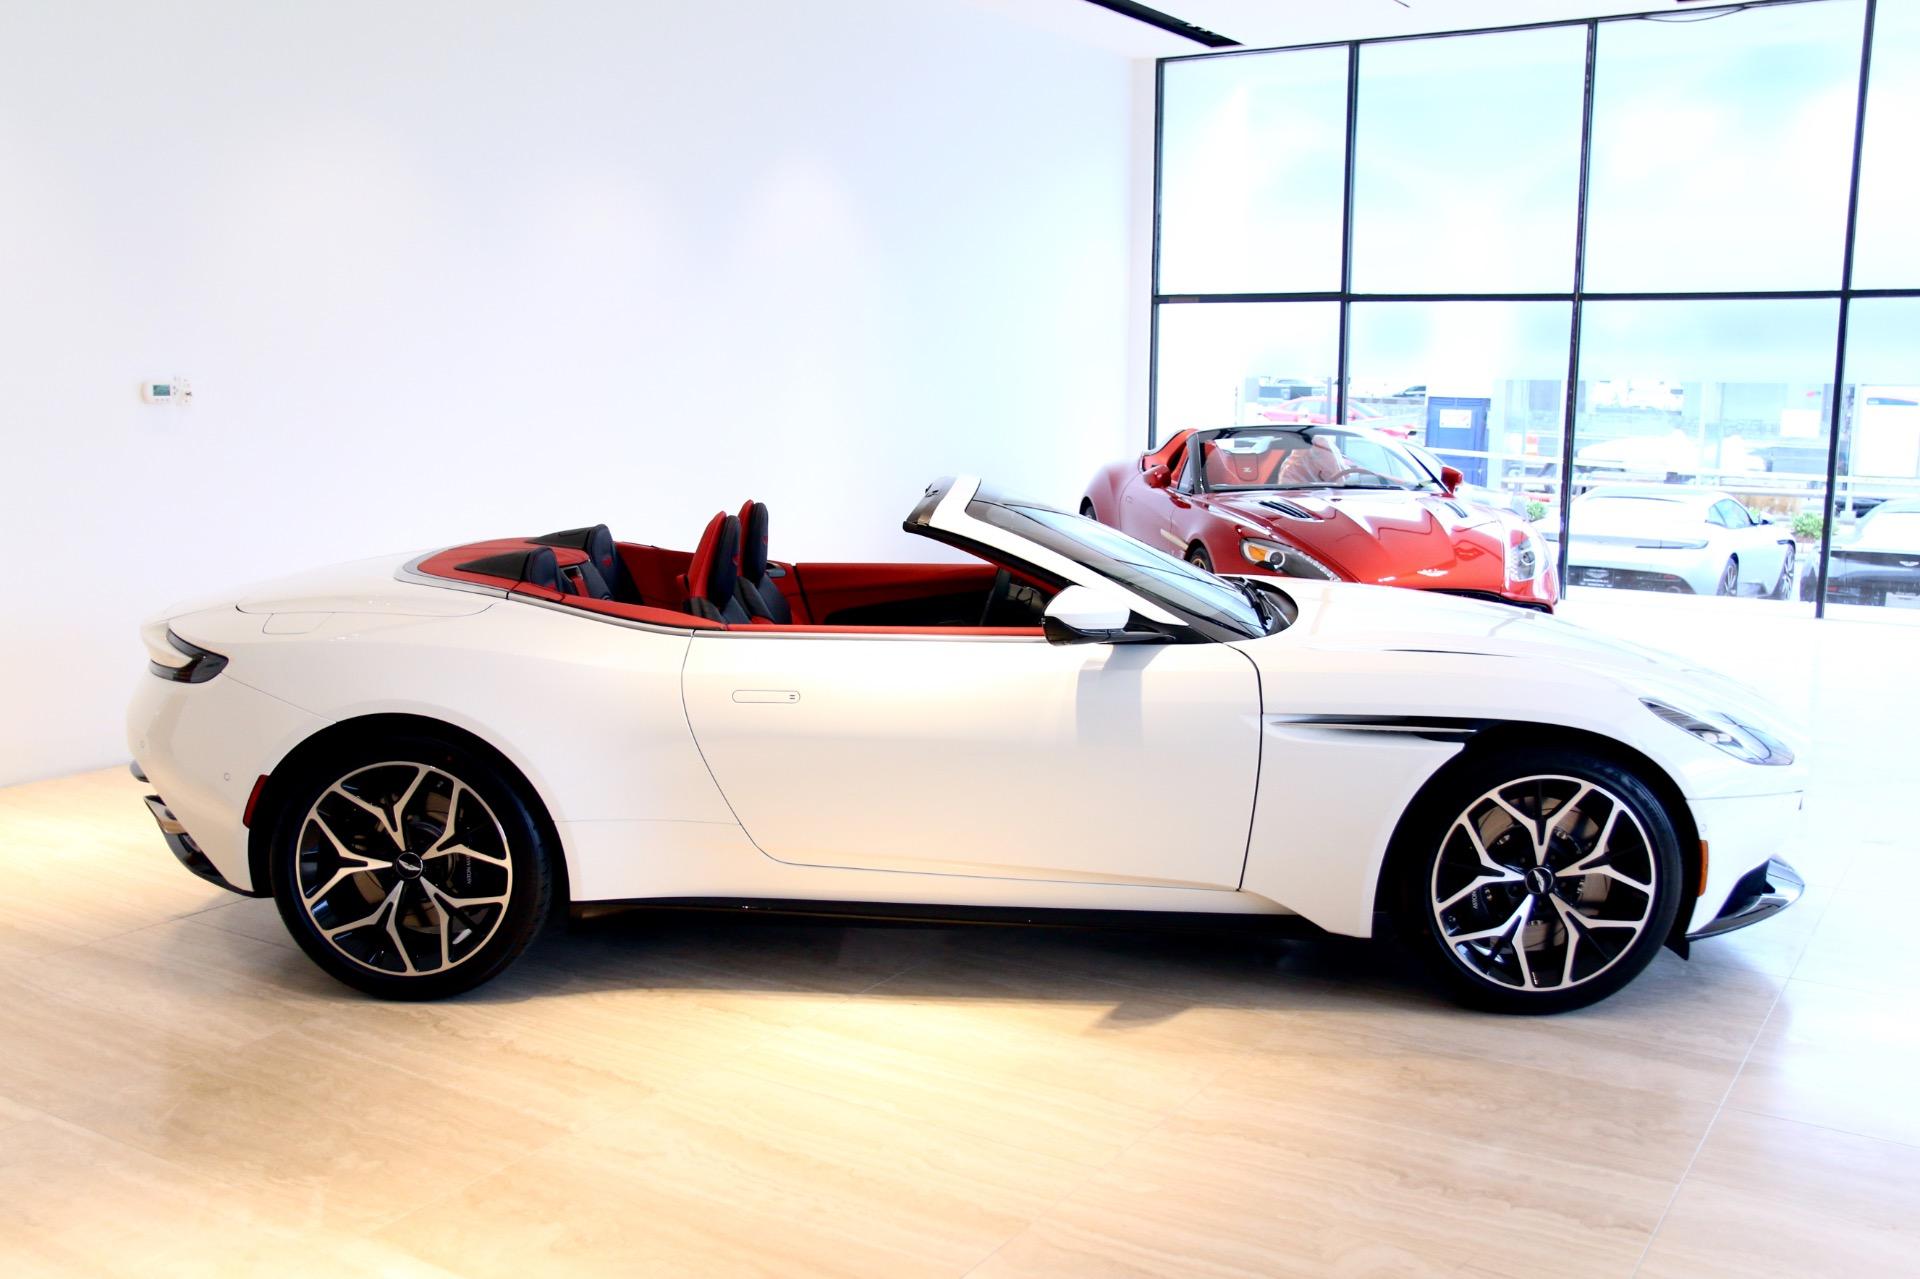 2019 aston martin db11 volante stock 9nm05966 for sale near vienna va va aston martin. Black Bedroom Furniture Sets. Home Design Ideas